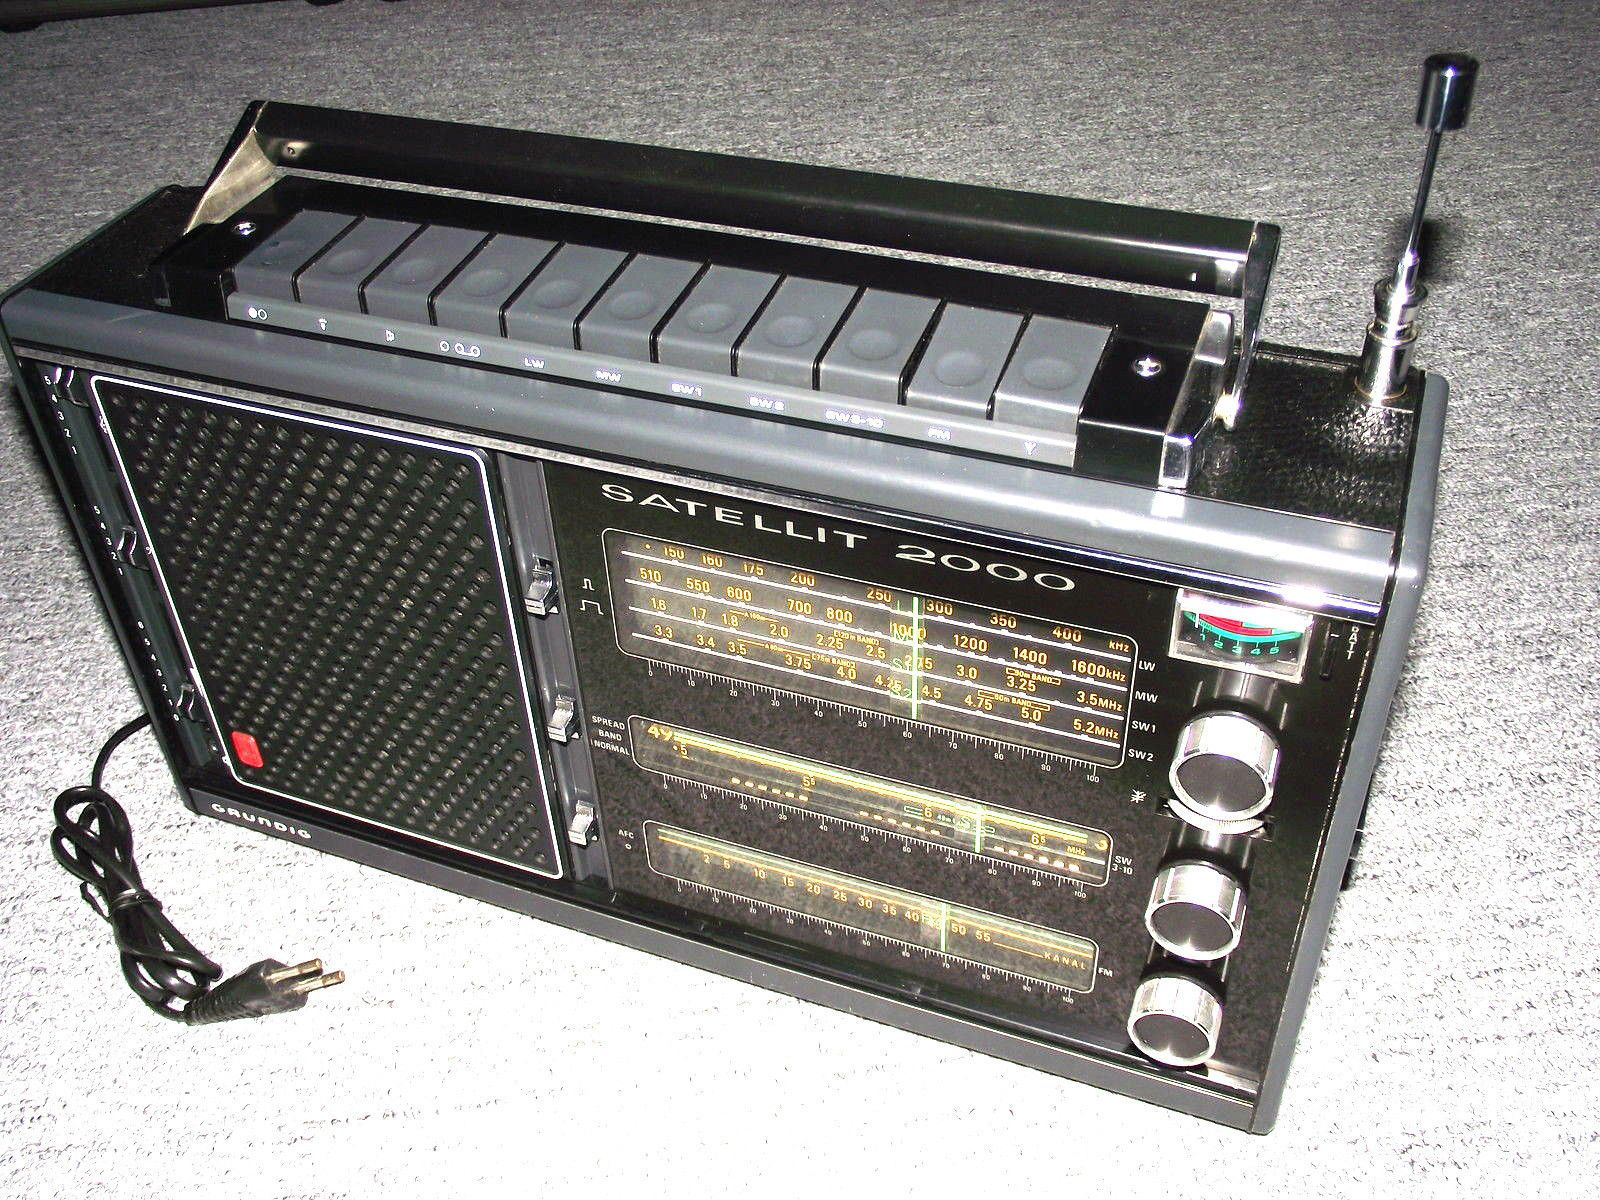 Grosser Weltempfänger Kofferadio Grundig Satellit 2000  1973 radio Spitzenklasse